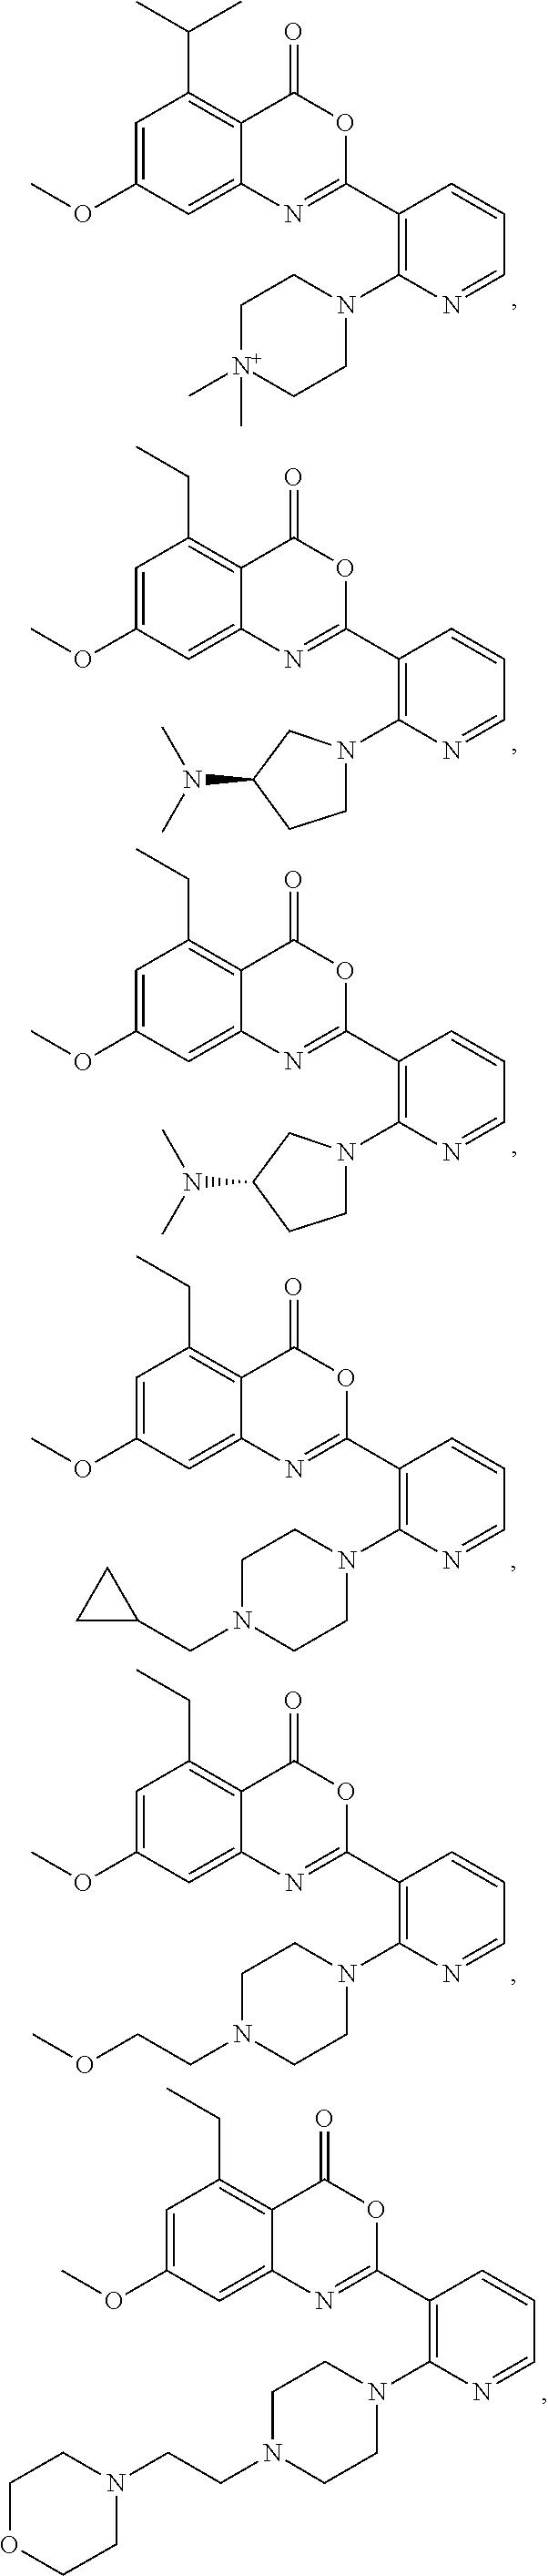 Figure US07879846-20110201-C00396